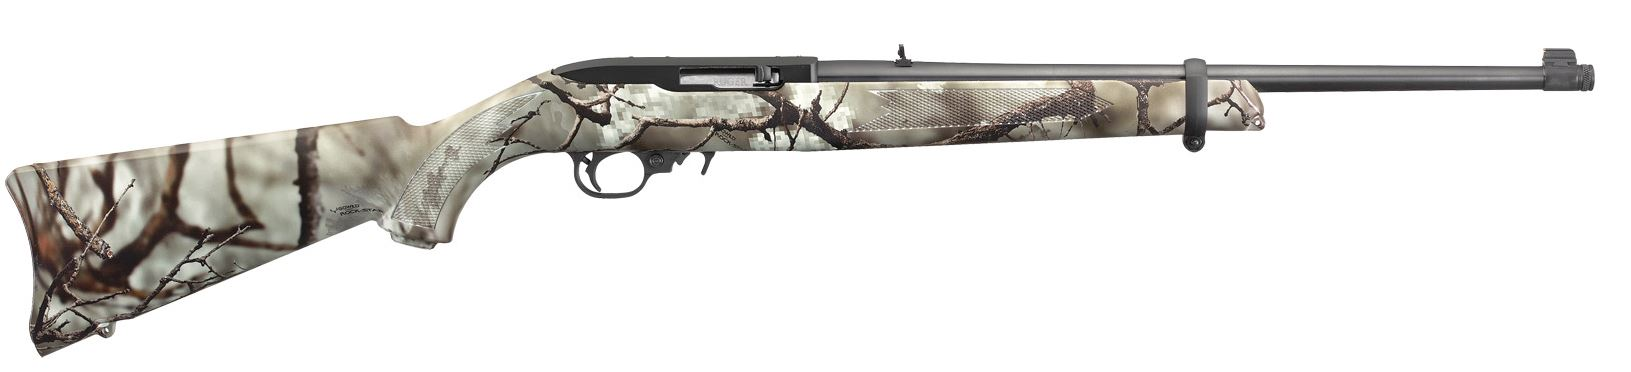 Ruger 10/22 Carbine-img-2